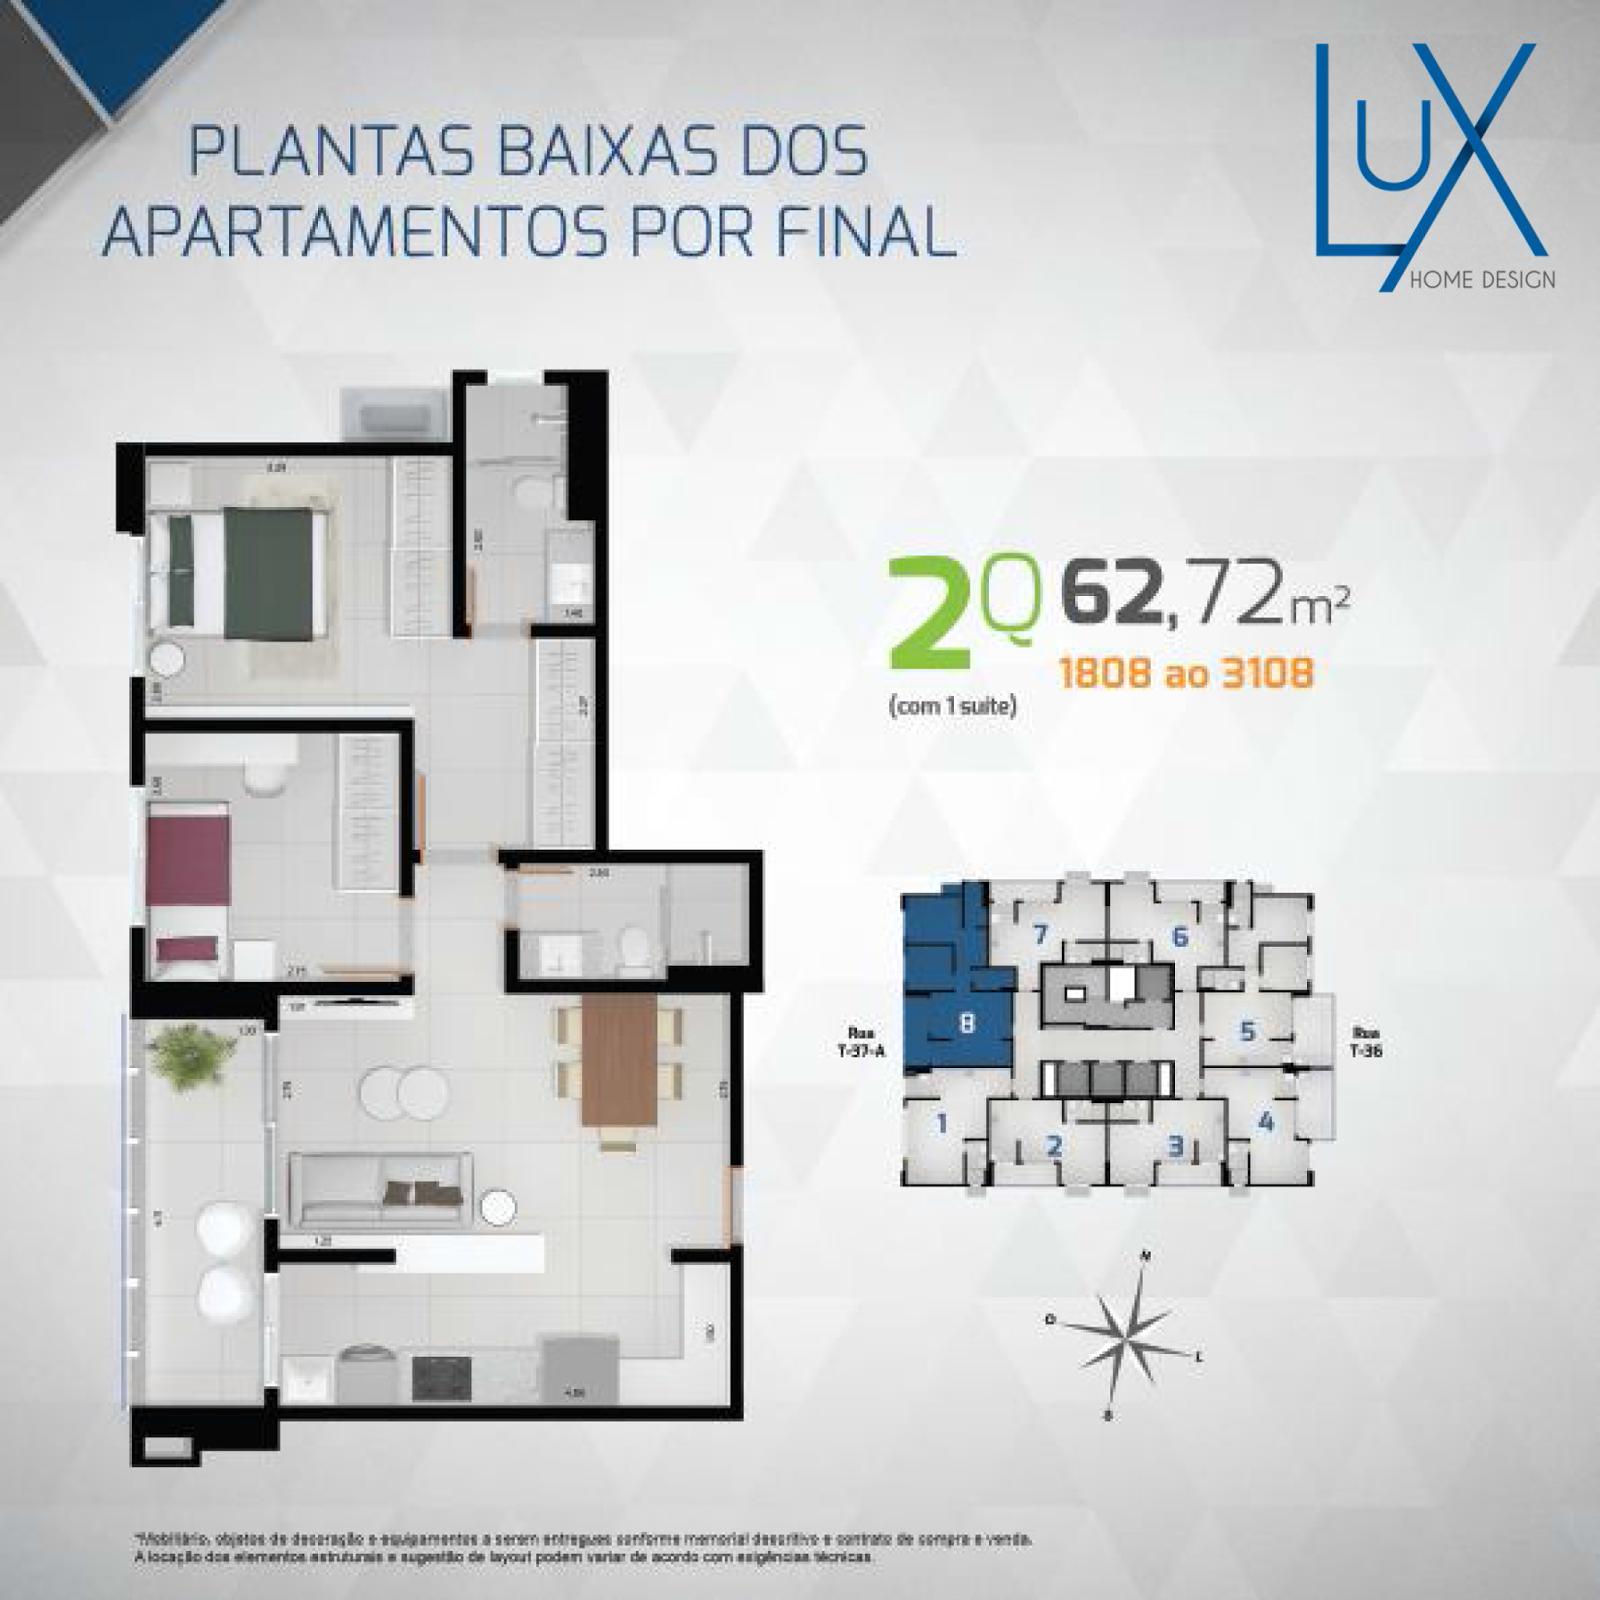 Charming R 256 010 31 Apartamento Compacto De Luxo Com Vista Para A